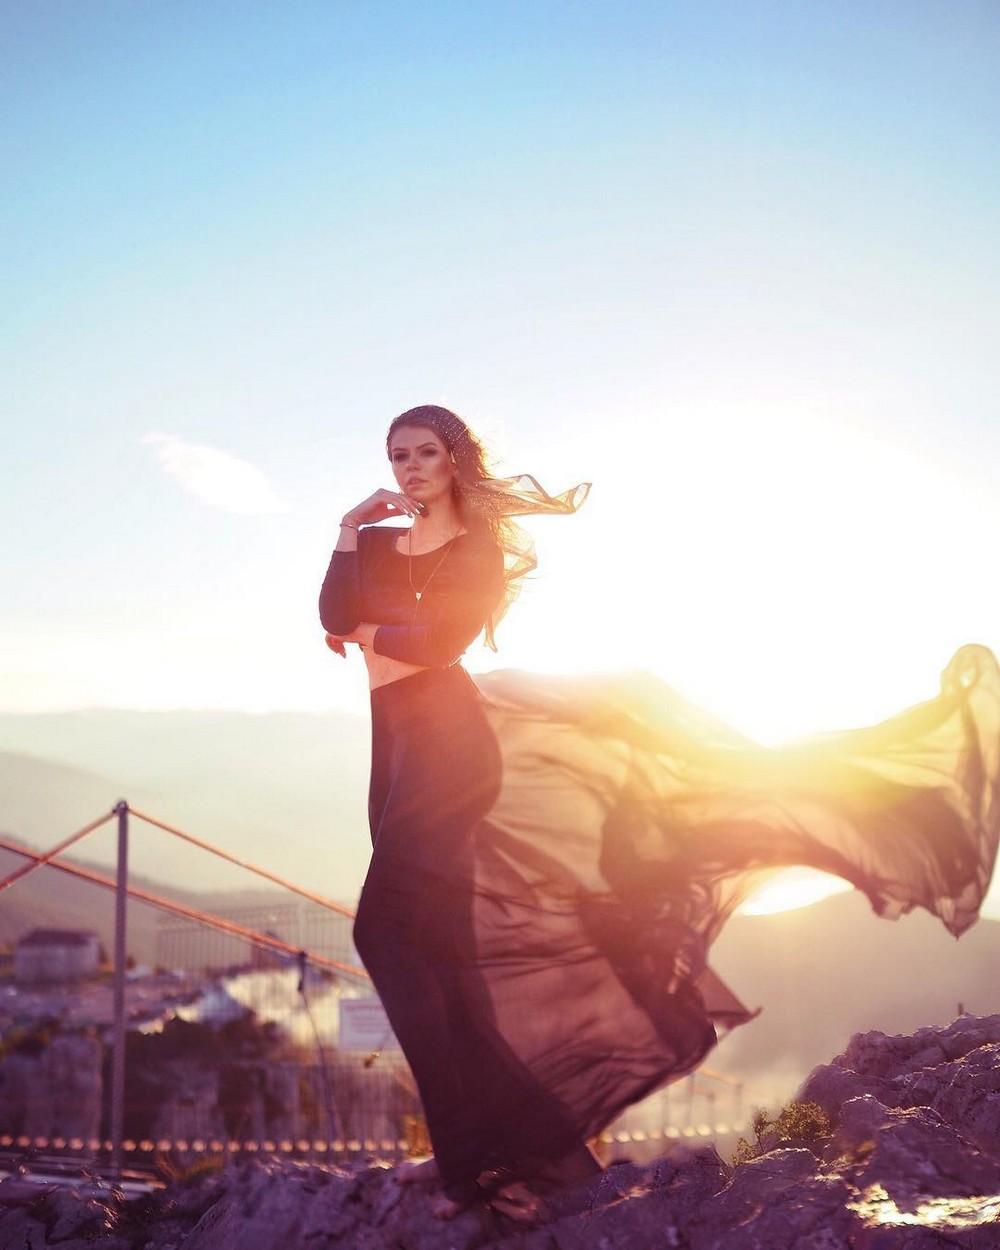 Девушка в красивых платьях на фоне живописных мест